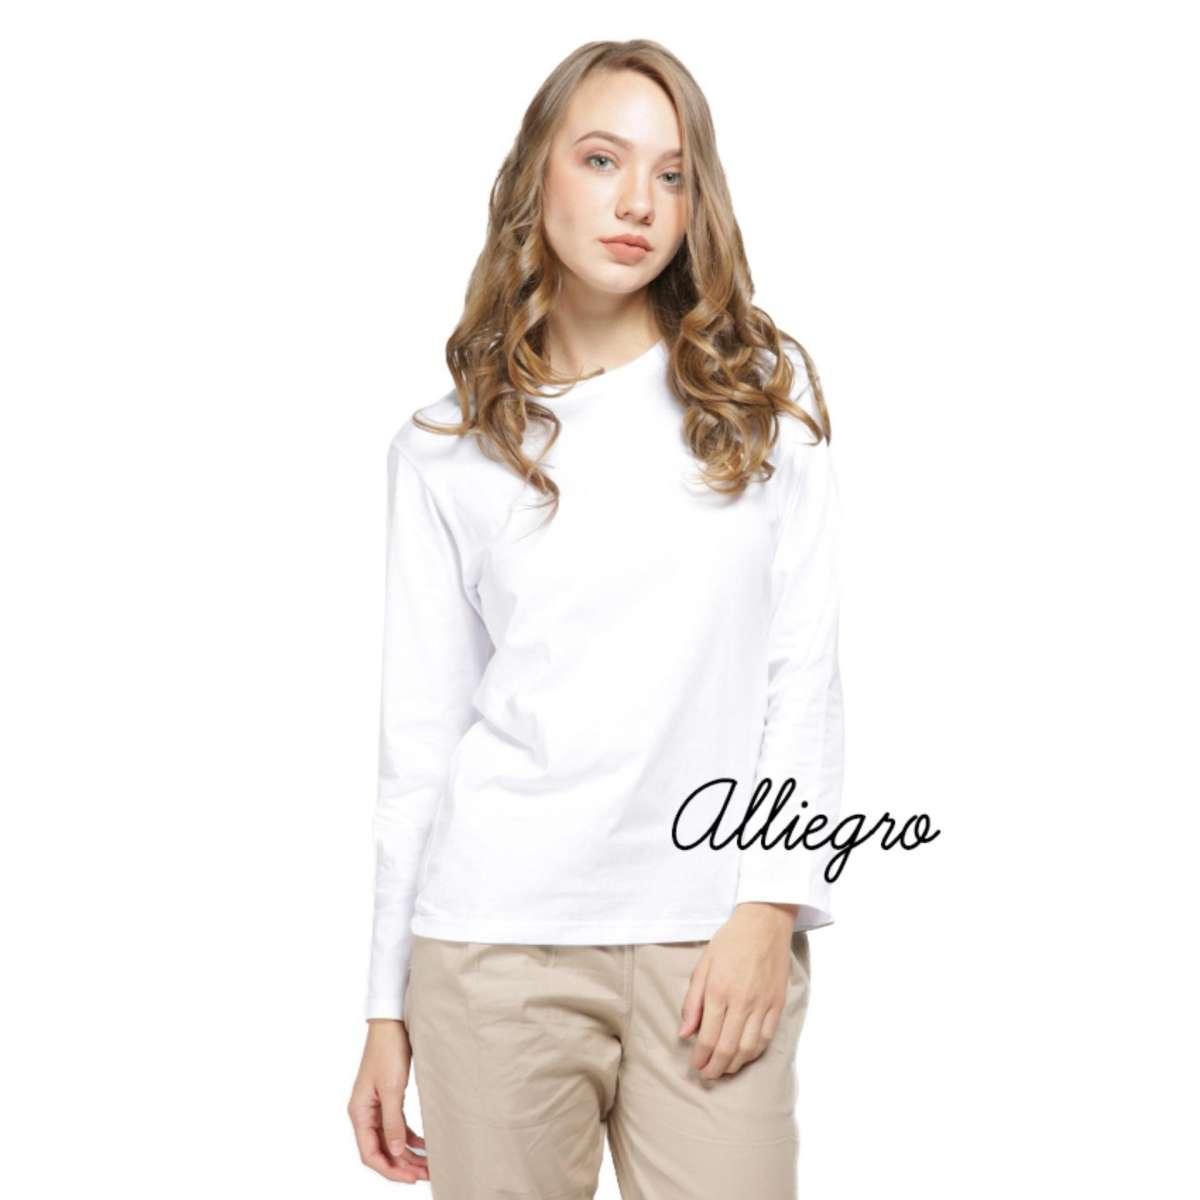 Alliegro Kaos Polos Wanita Lengan Panjang Abu - T-Shirt Kaos Distro Cewek Tumblr Tee Premium Kaos A